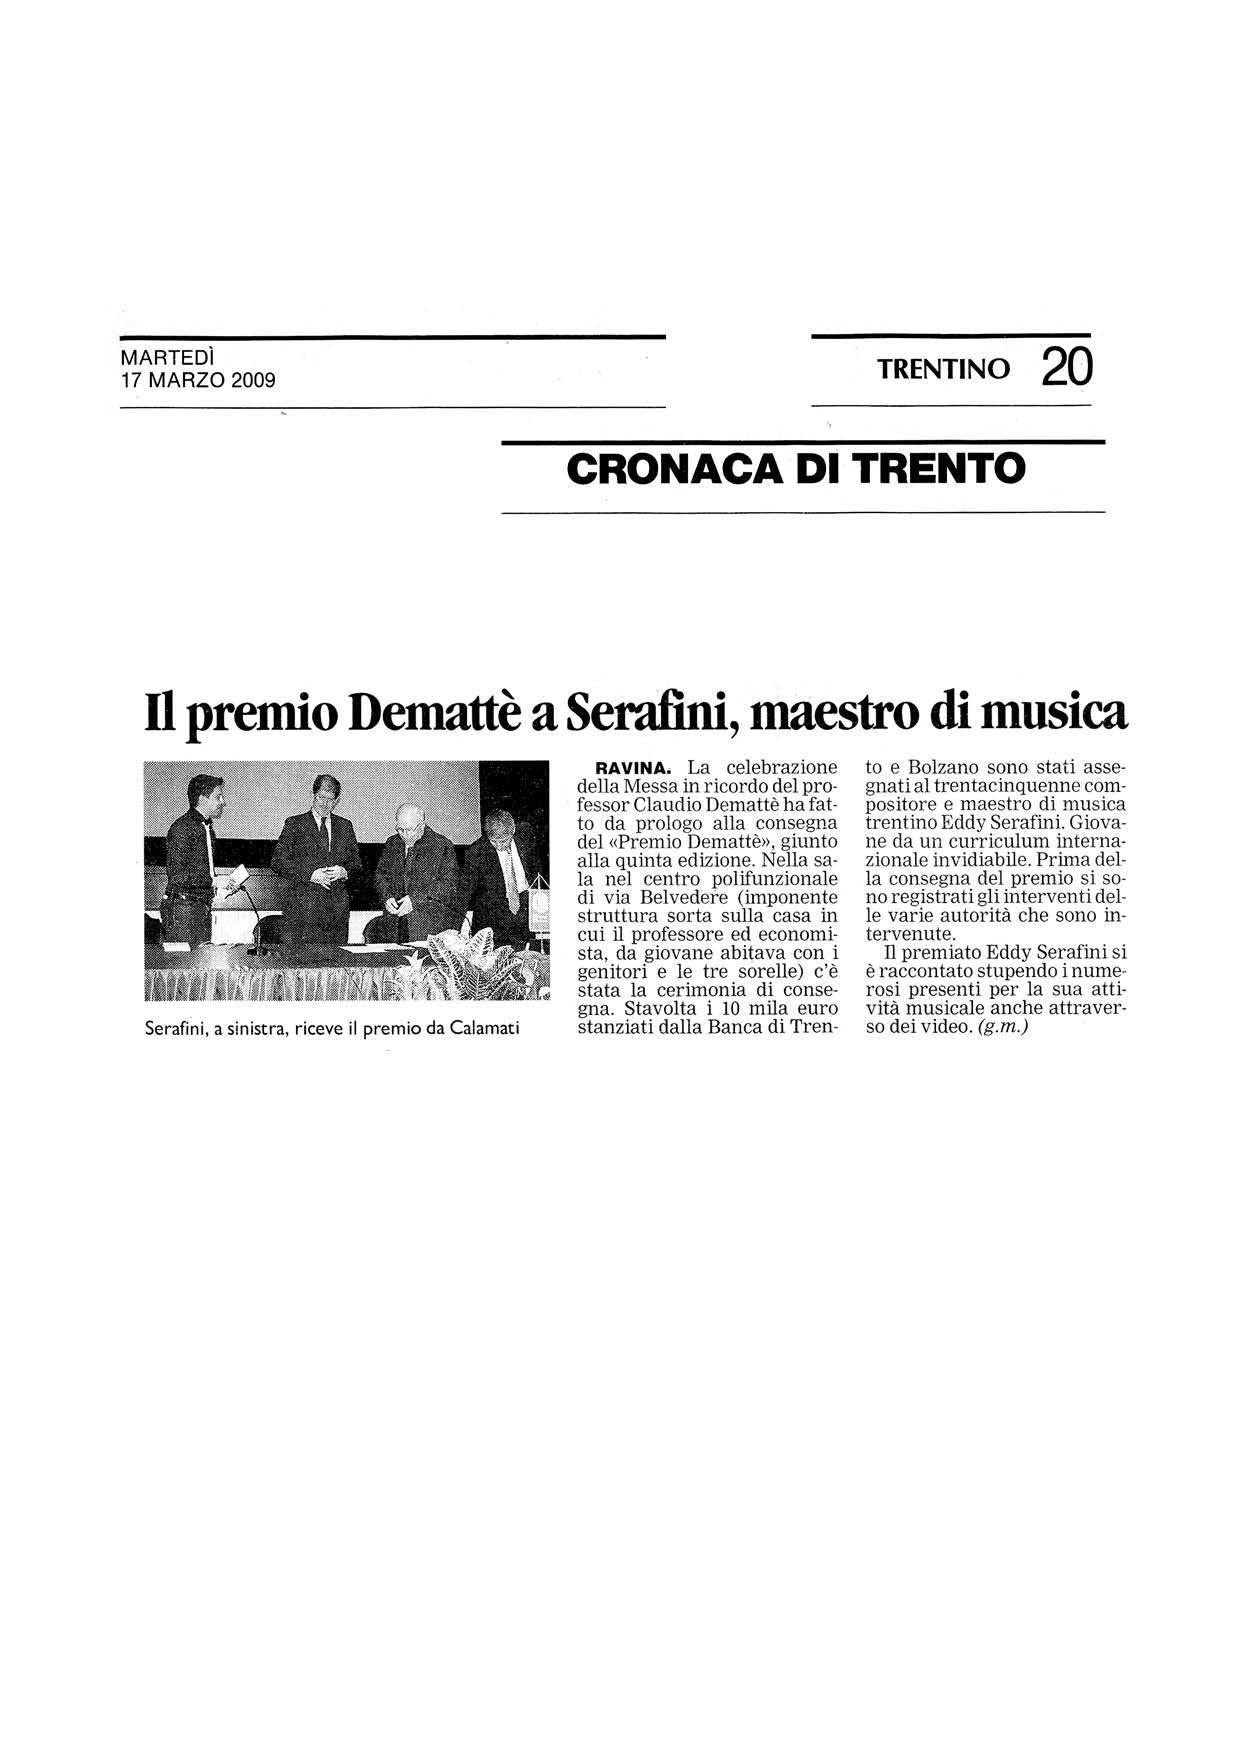 Il Premio Demattè a Serafini, maestro di musica – Trentino – 17/03/2009